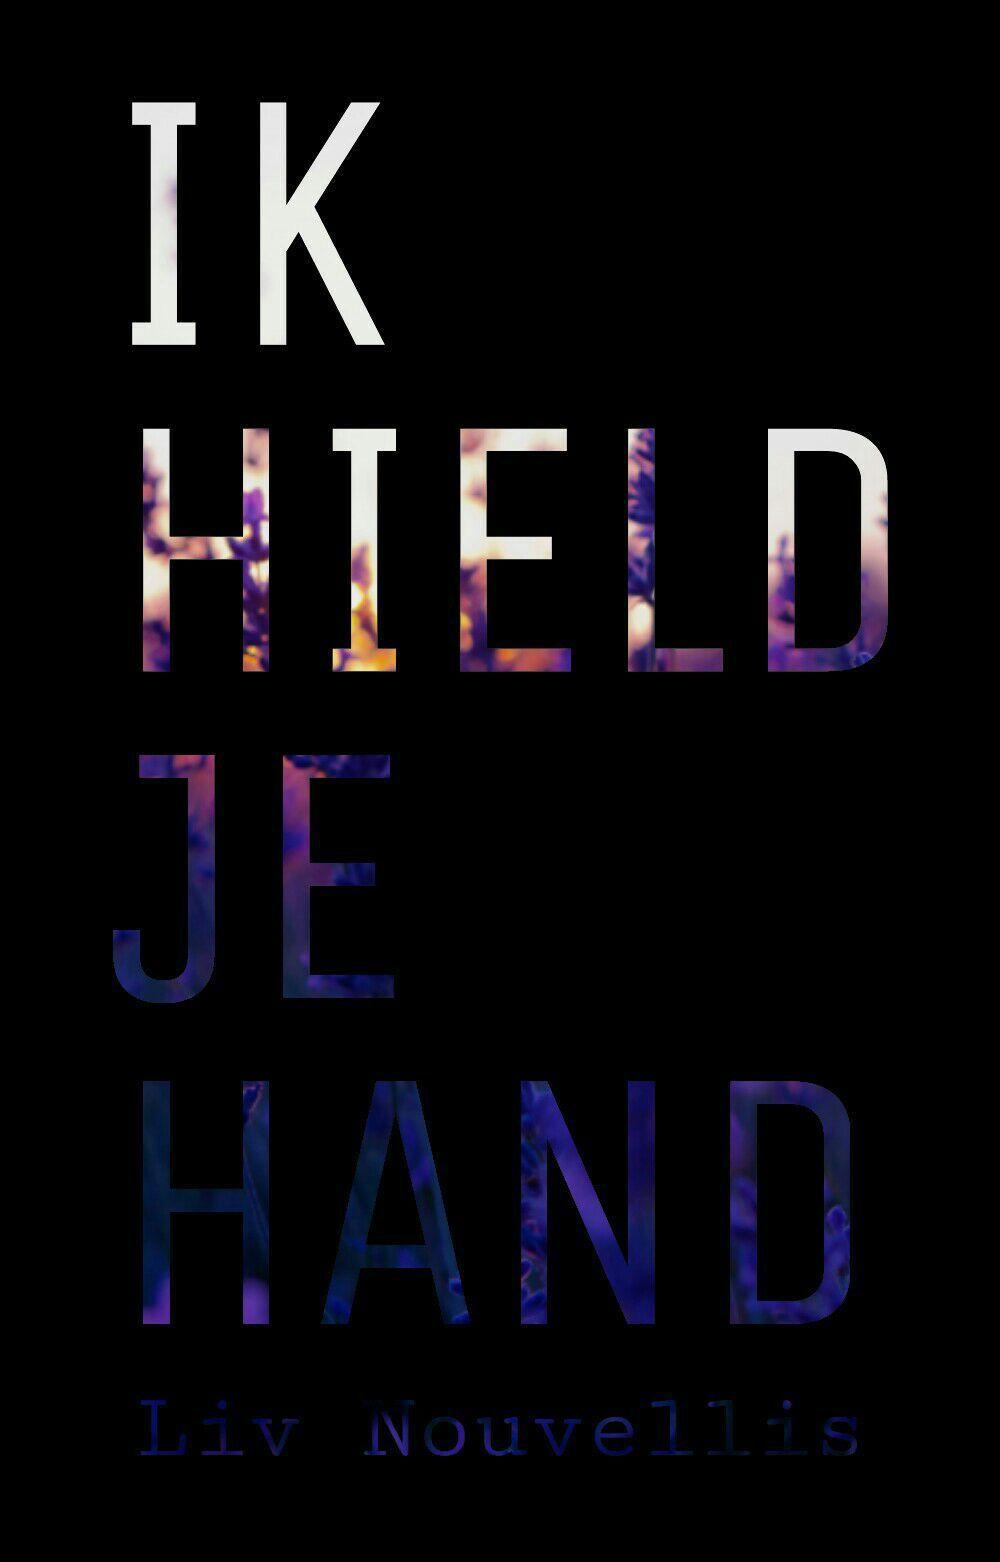 De titel op deze cover(s) is van een echt kortverhaal dat ik aan het schrijven ben, maar ik weet nog niet of ik die op Wattpad wil zetten